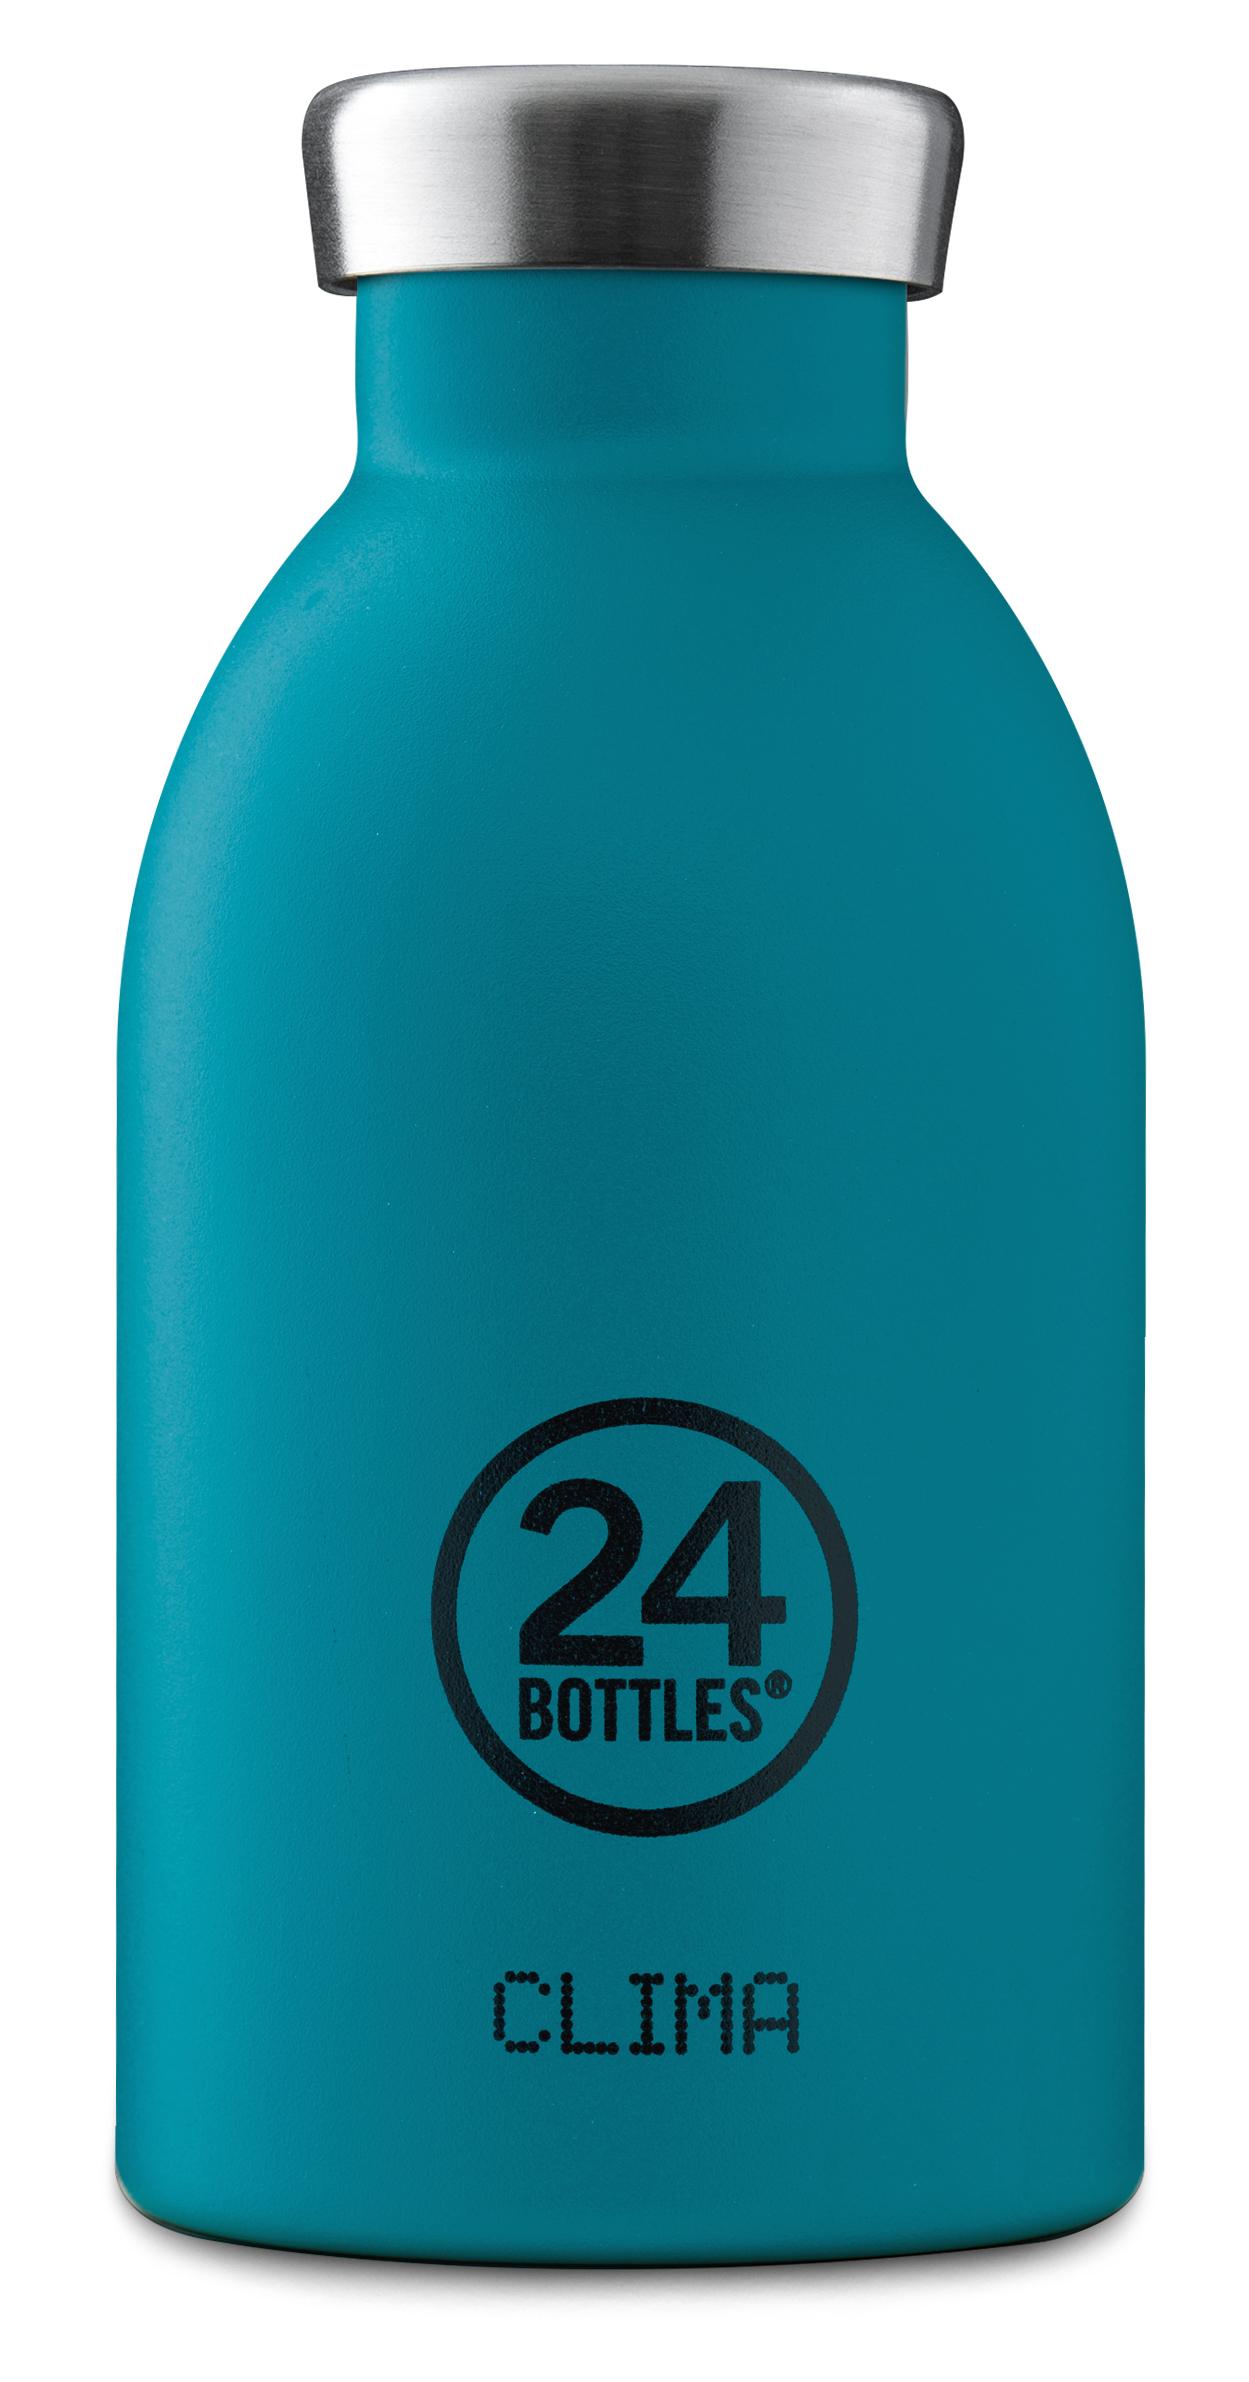 """®24bottles בקבוק """"קלימה"""" תרמי 330 מ""""ל – טורקיז"""